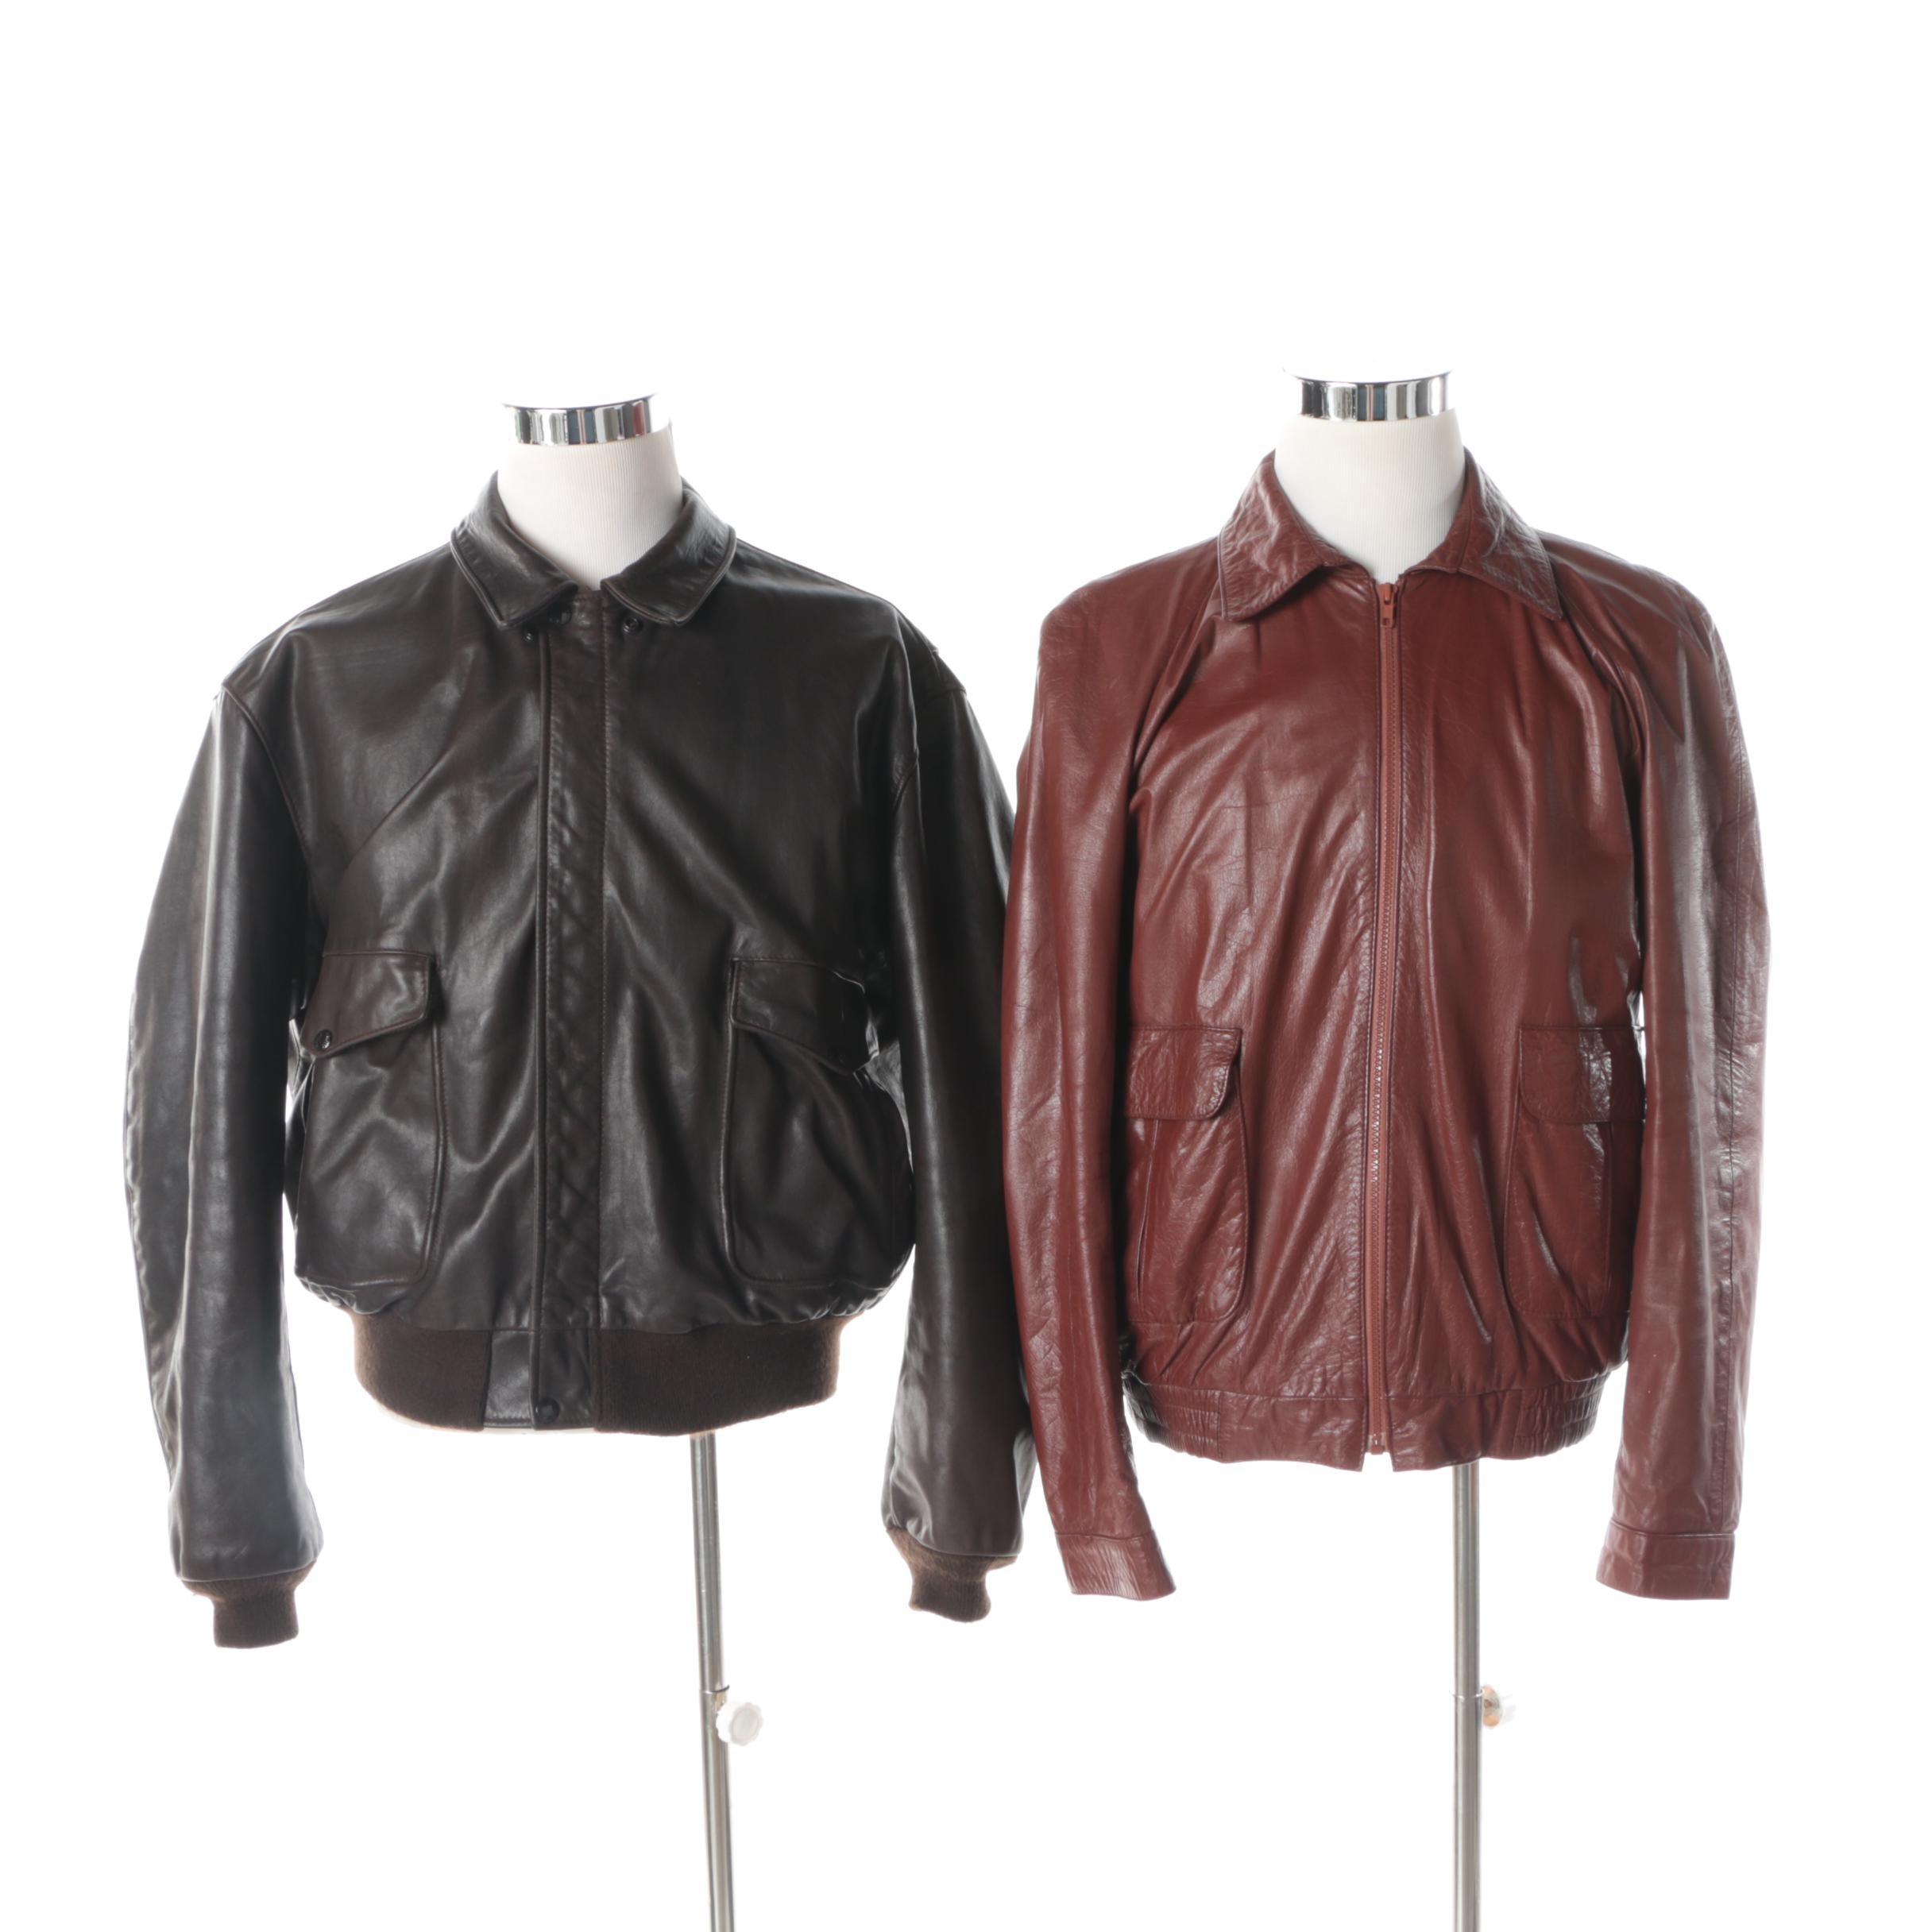 Men's Vintage Leather Bomber Jackets Including Schott